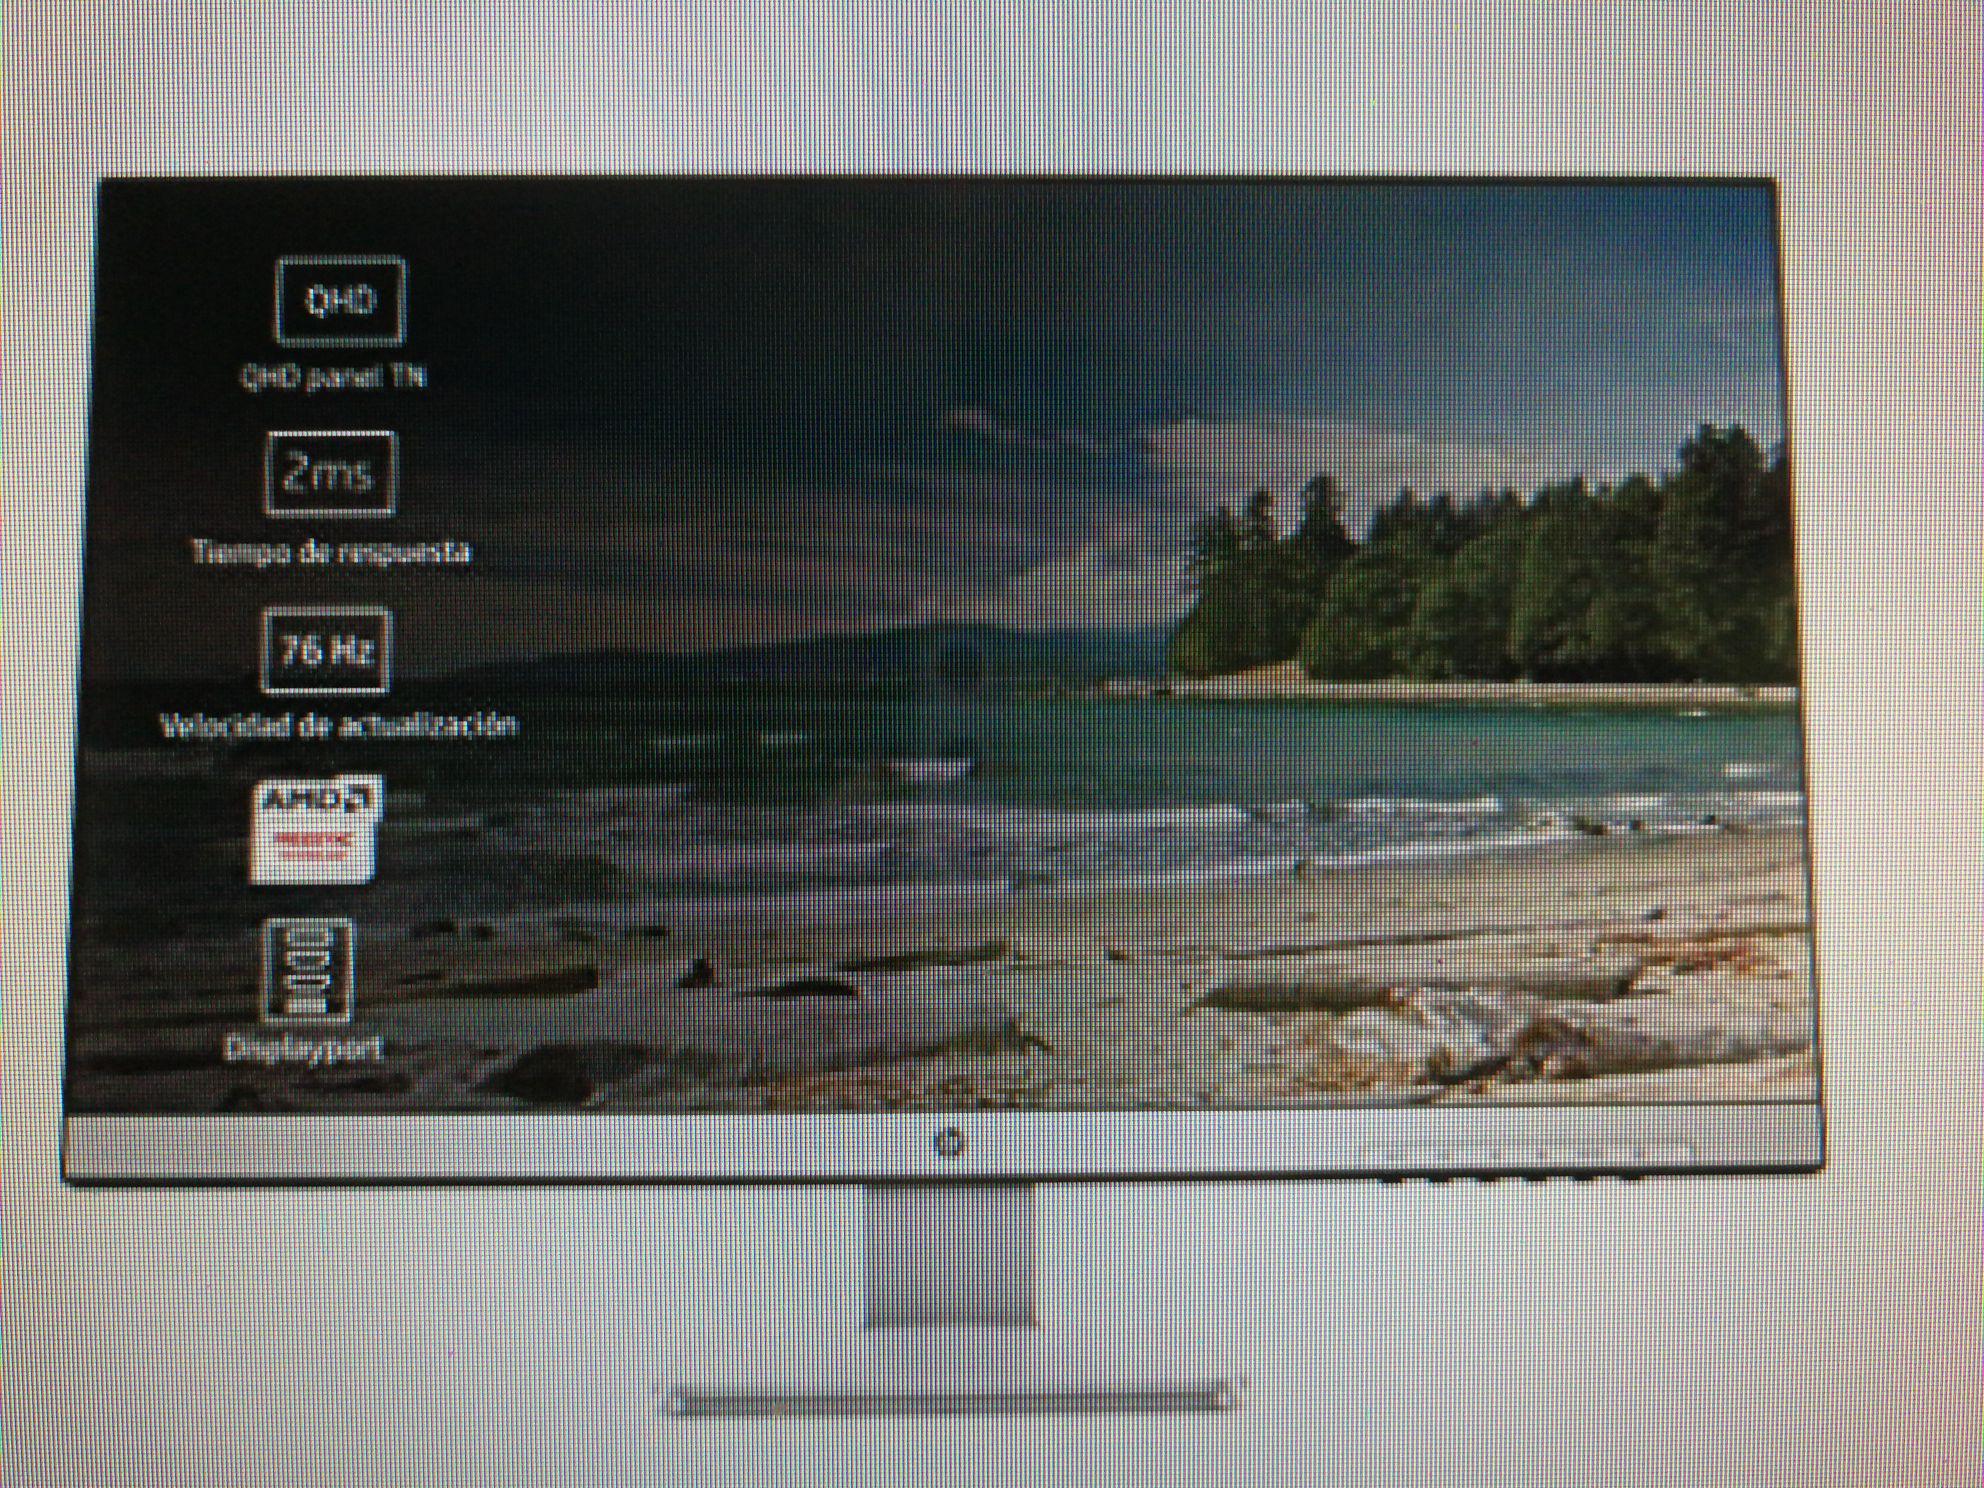 Monitor Hp de 27 pulgadas QHD, resolución 2560 x 1440,tiempo de respuesta 2 ms